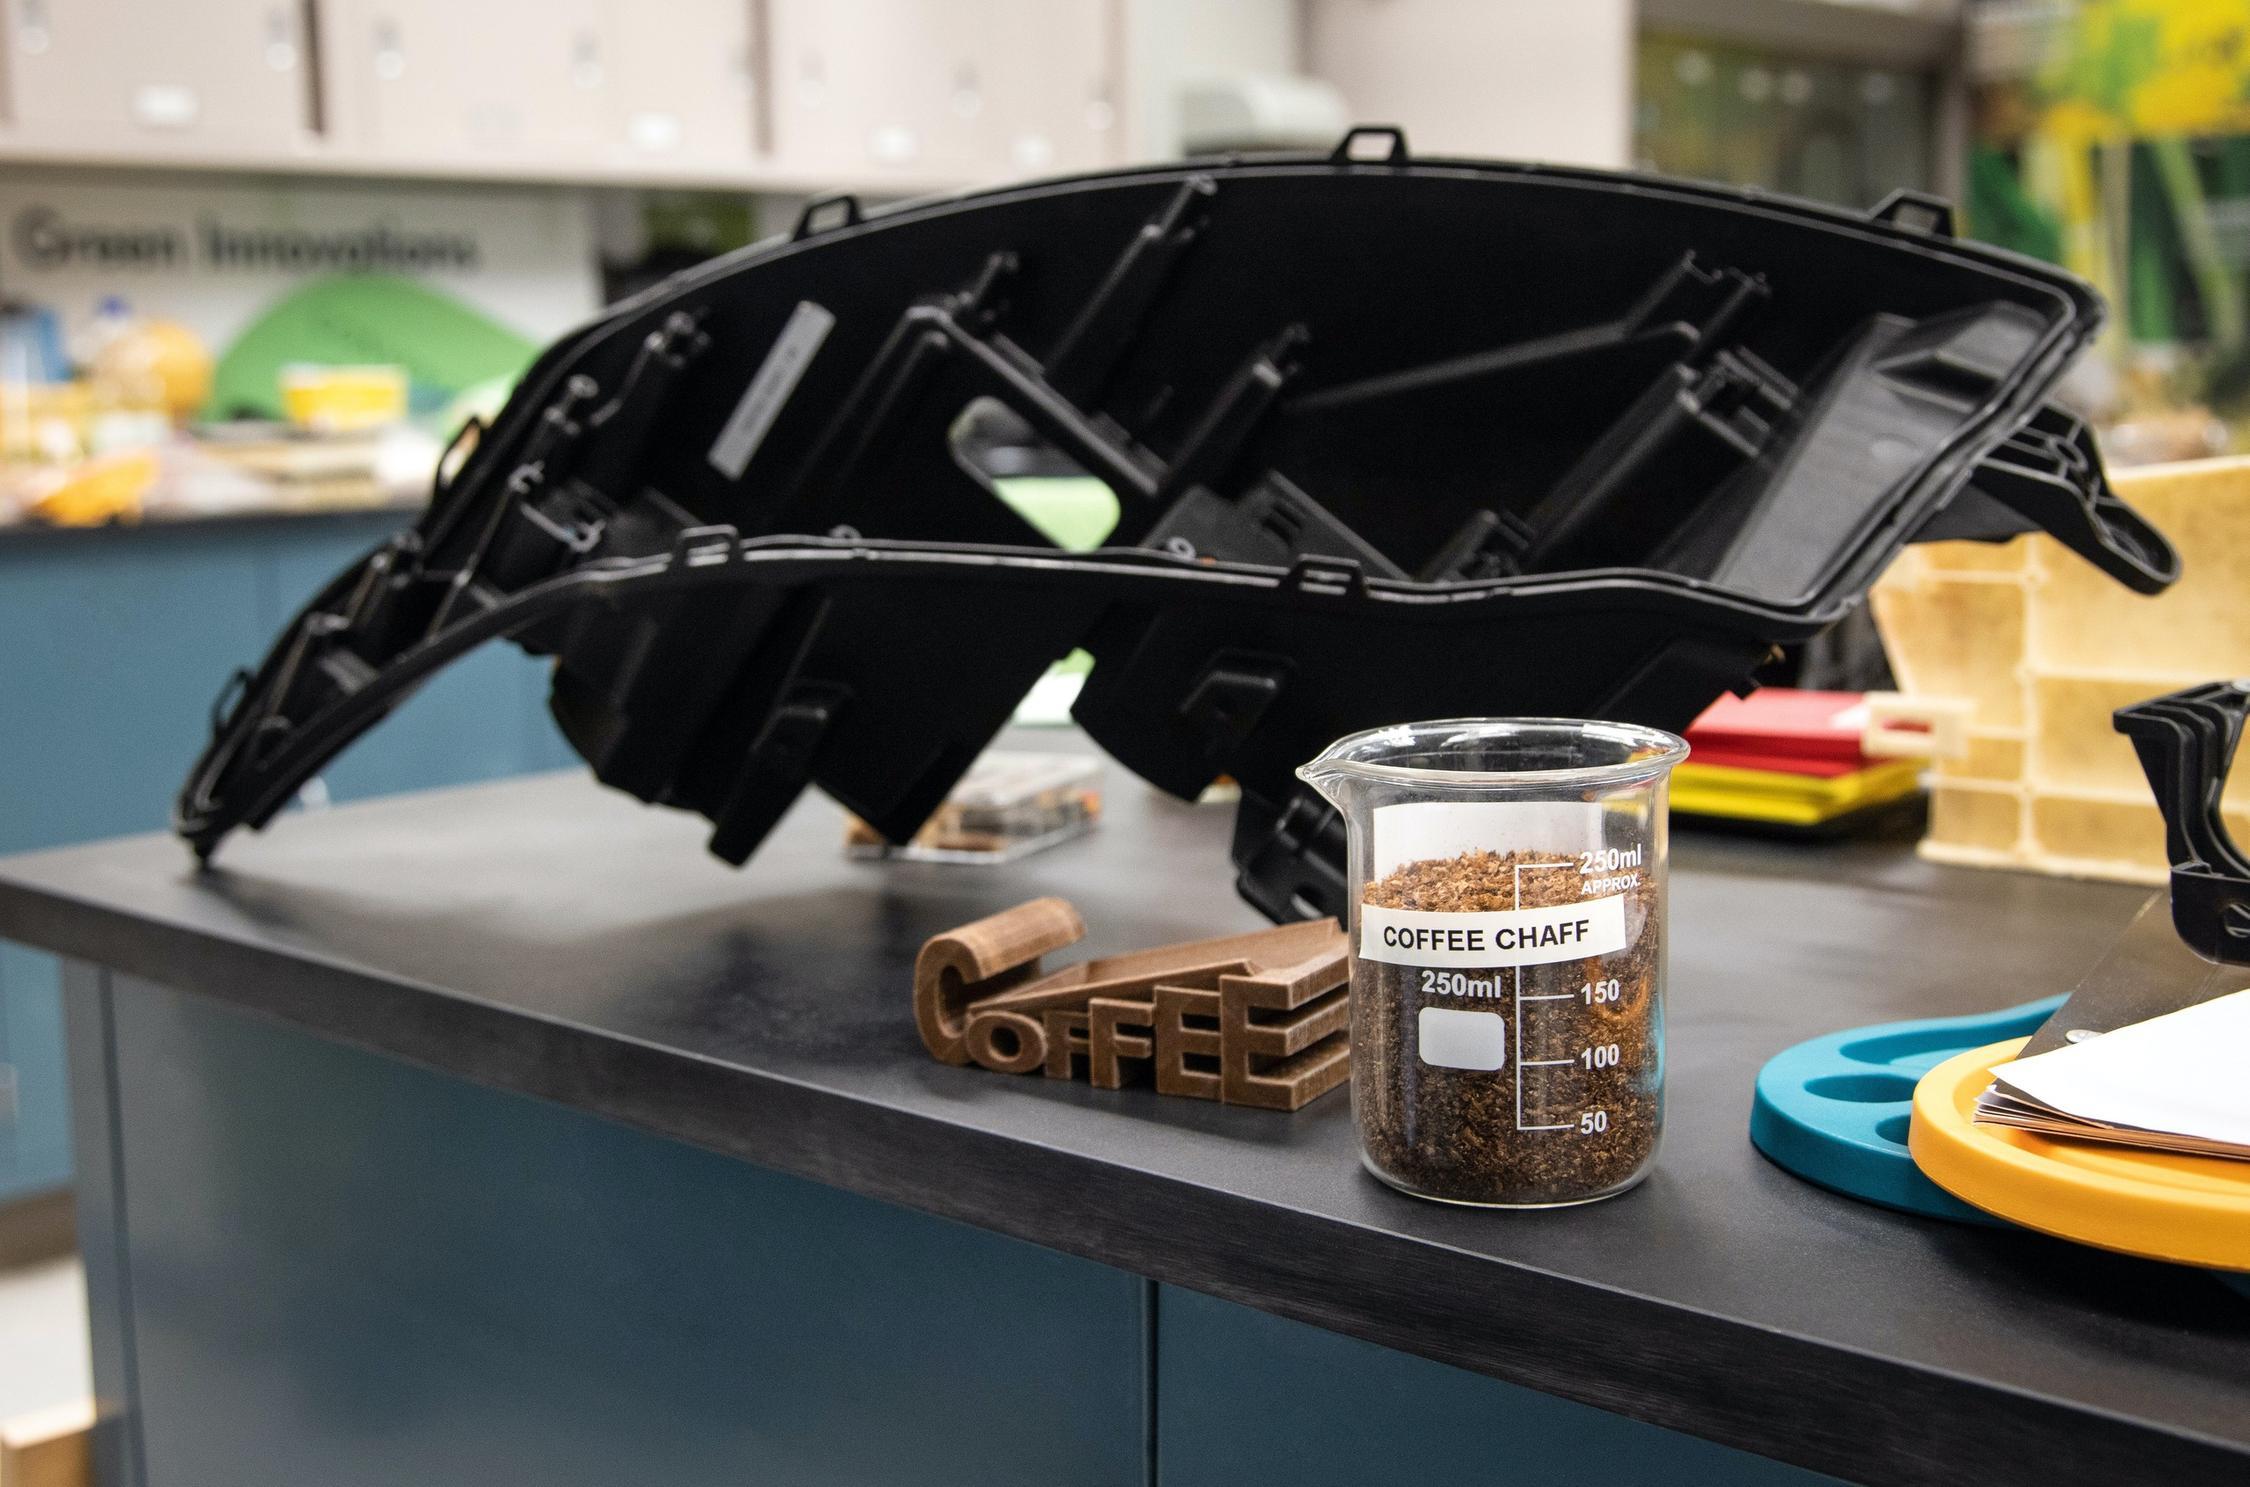 Американская компания «Форд» вместе с McDonald's запустила проект по изготовлению пластика из шелухи от кофейных зерен. Сырье станет основой при производстве деталей подкапотного пространства и различных элементов салона.